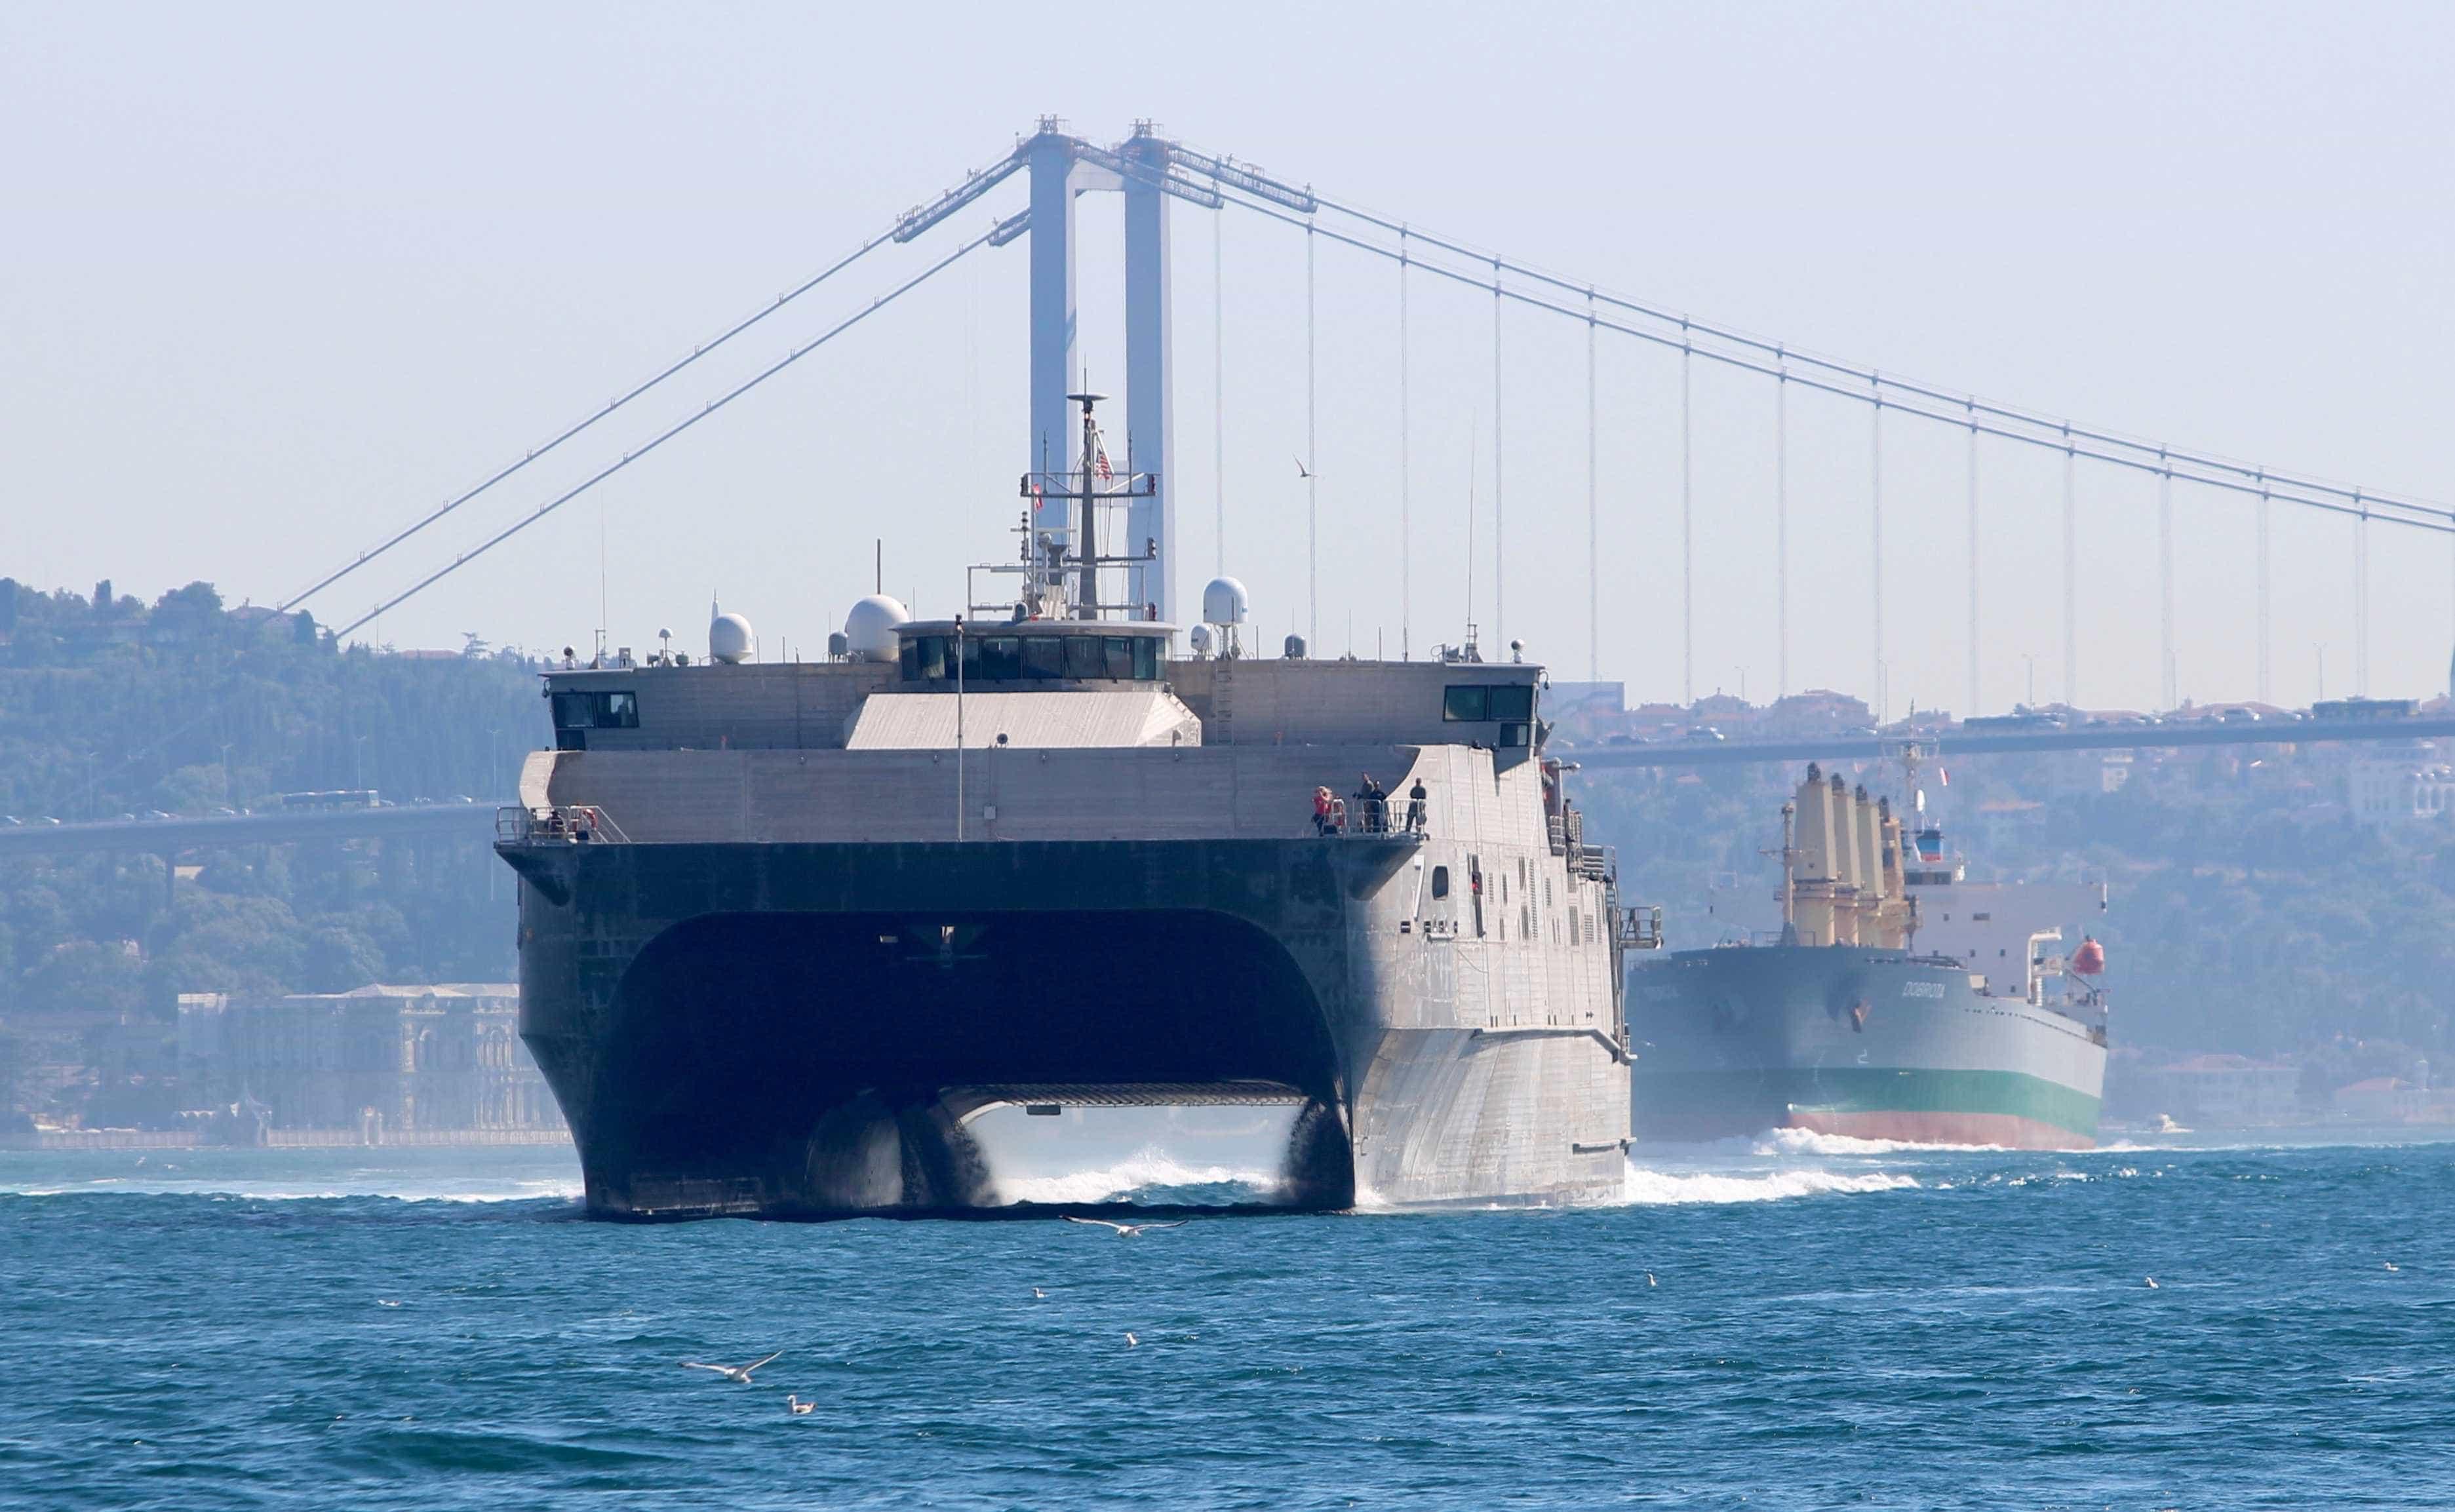 Incêndio em navios mata pelo menos 14 pessoas na Crimeia